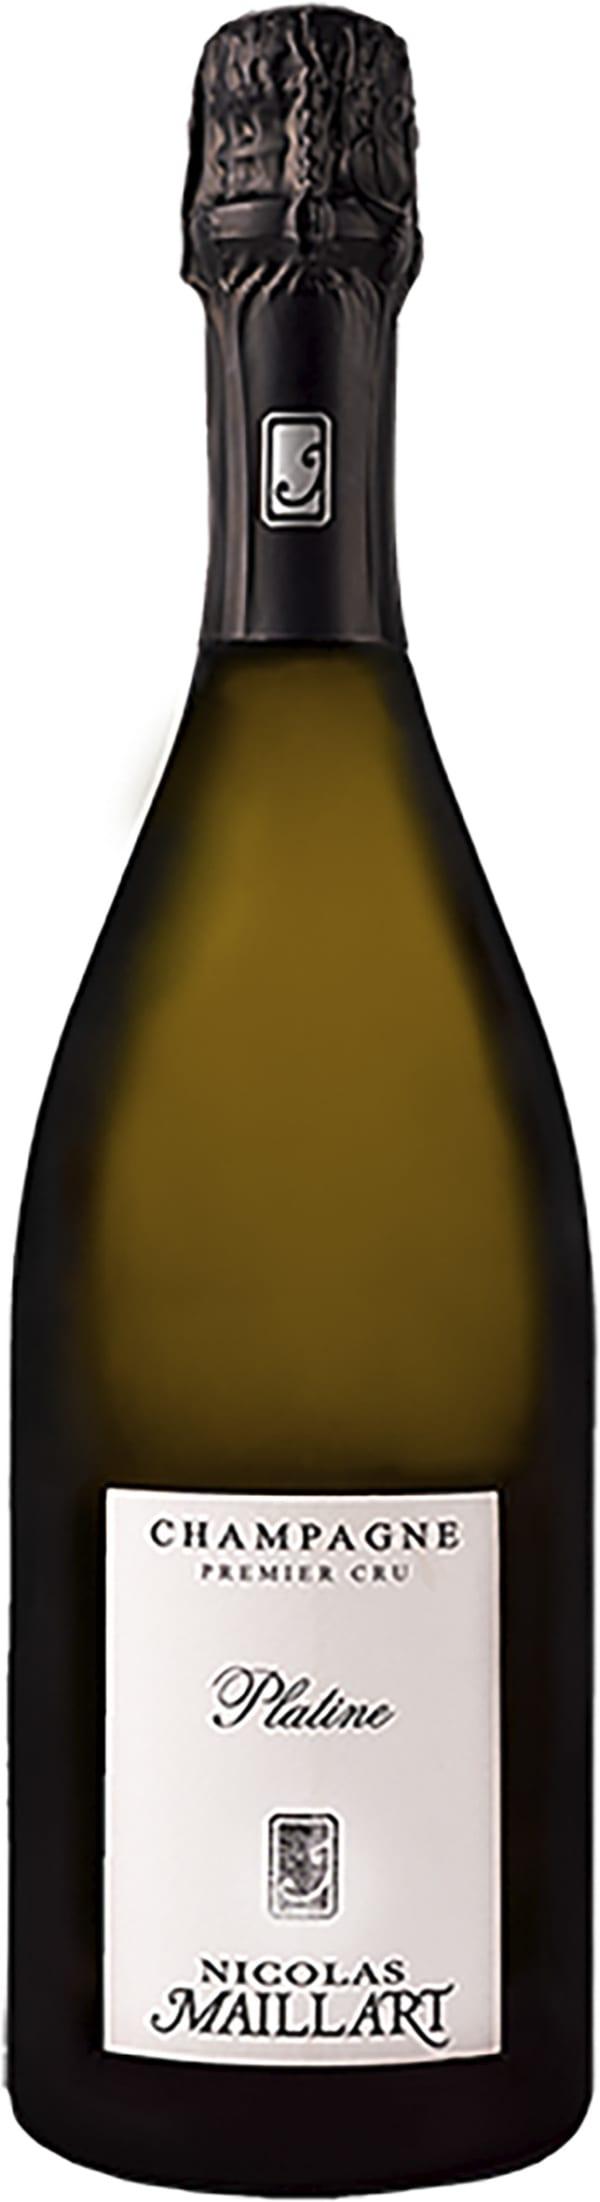 Nicolas Maillart Platine 1er Cru Champagne Brut